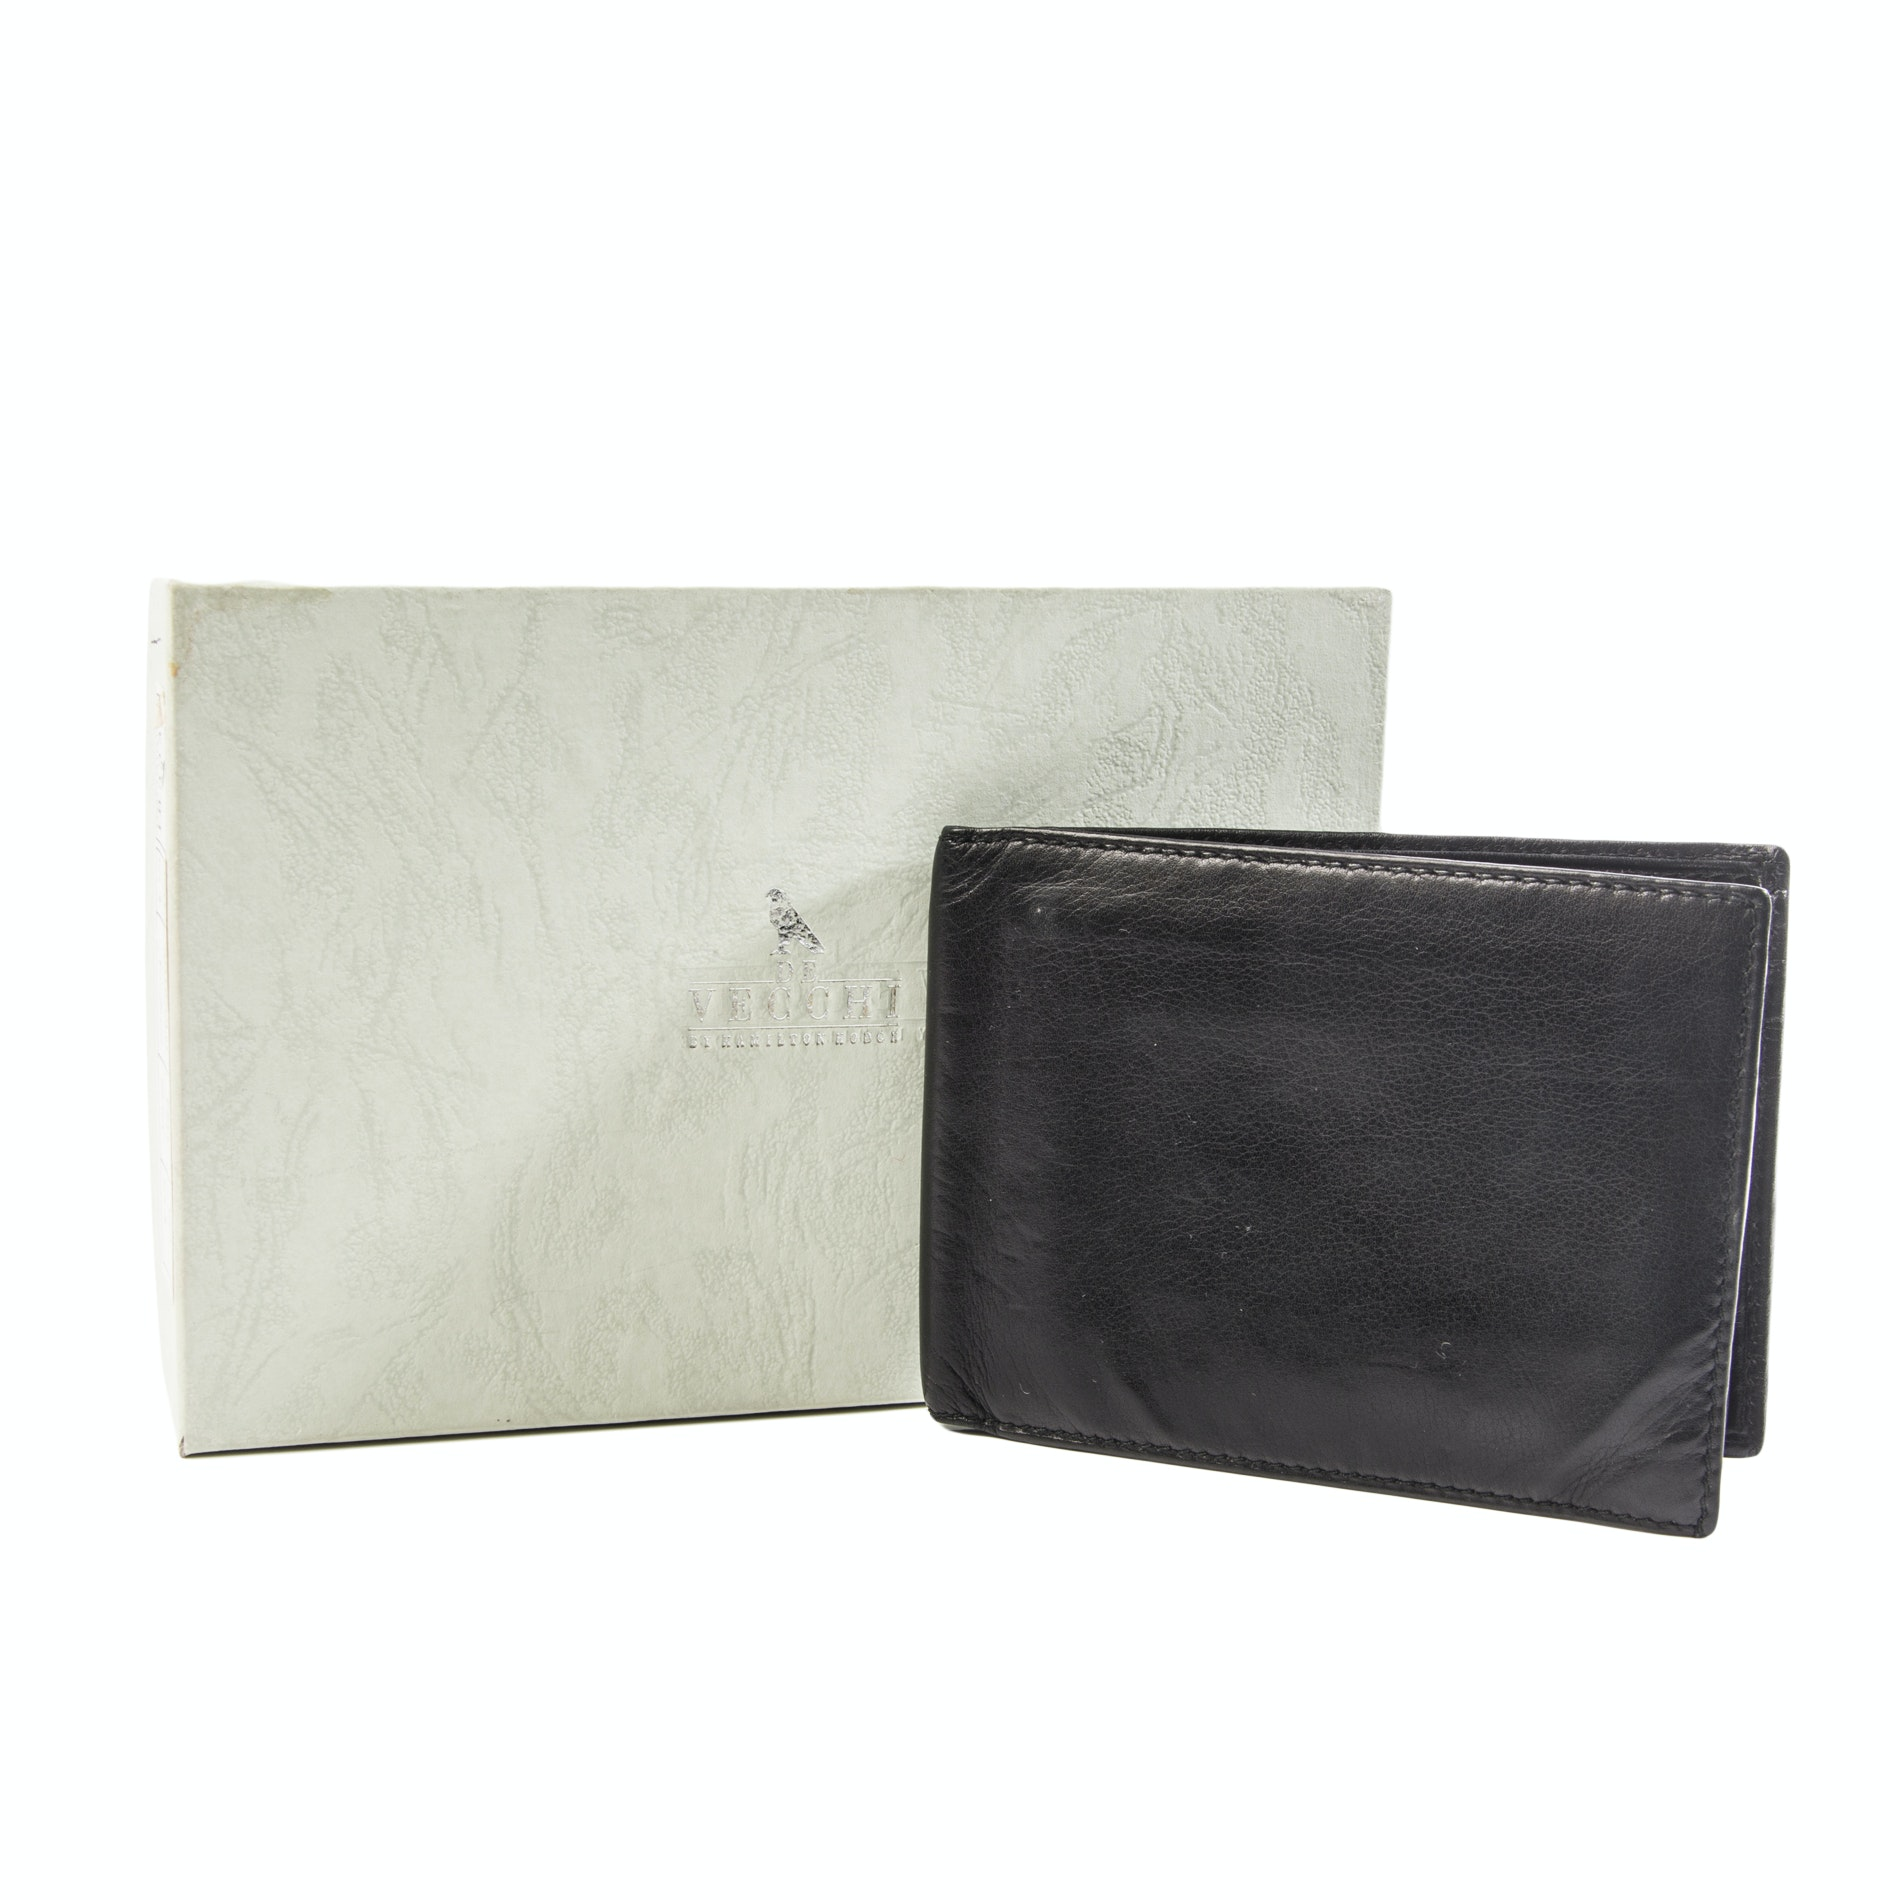 De Vecchi Black Leather Bi-Fold Wallet